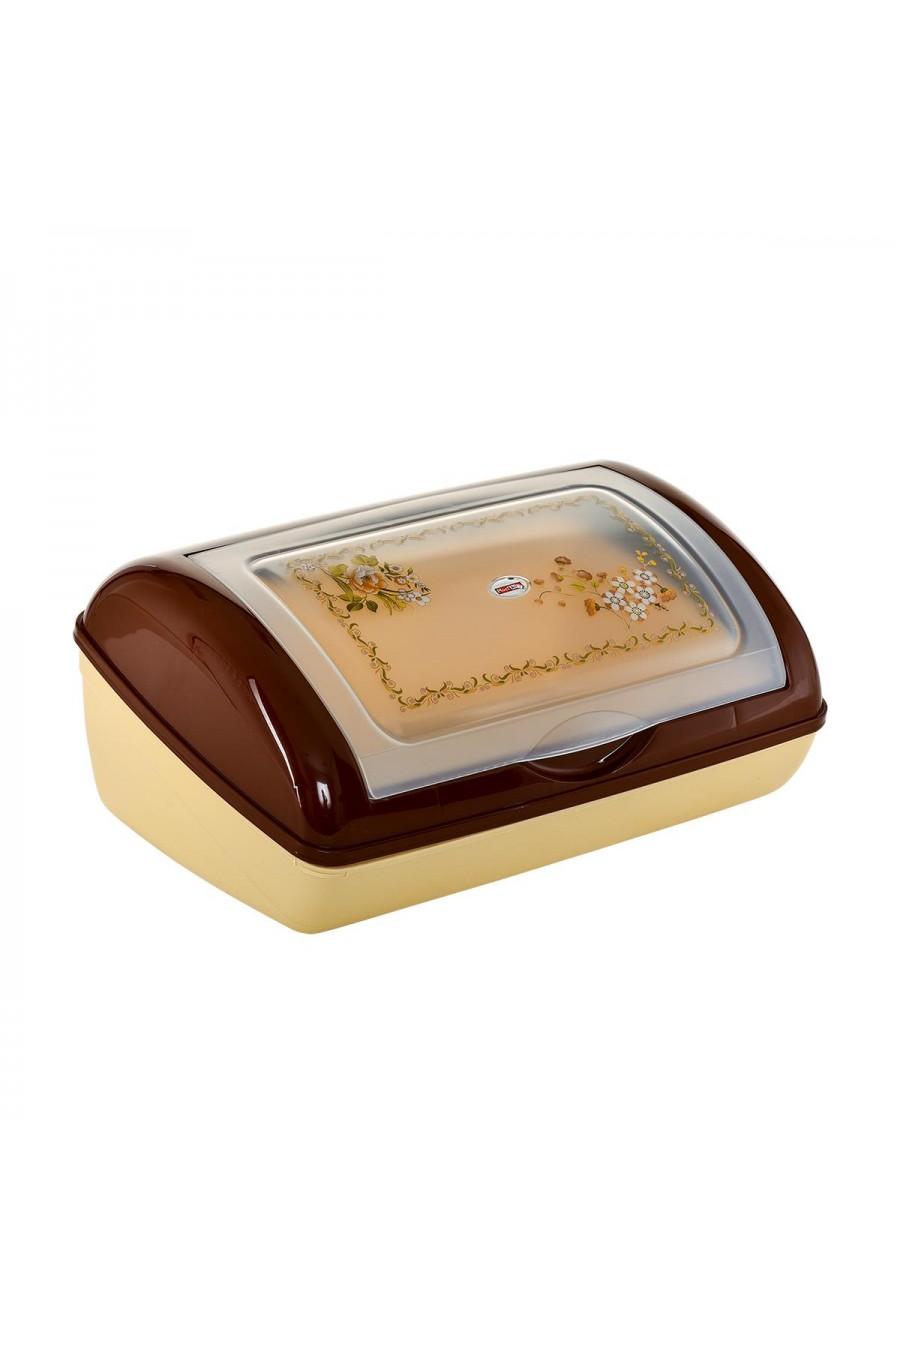 PlastArt Ekmek Dolabı | Ekmek Saklama Kutusu